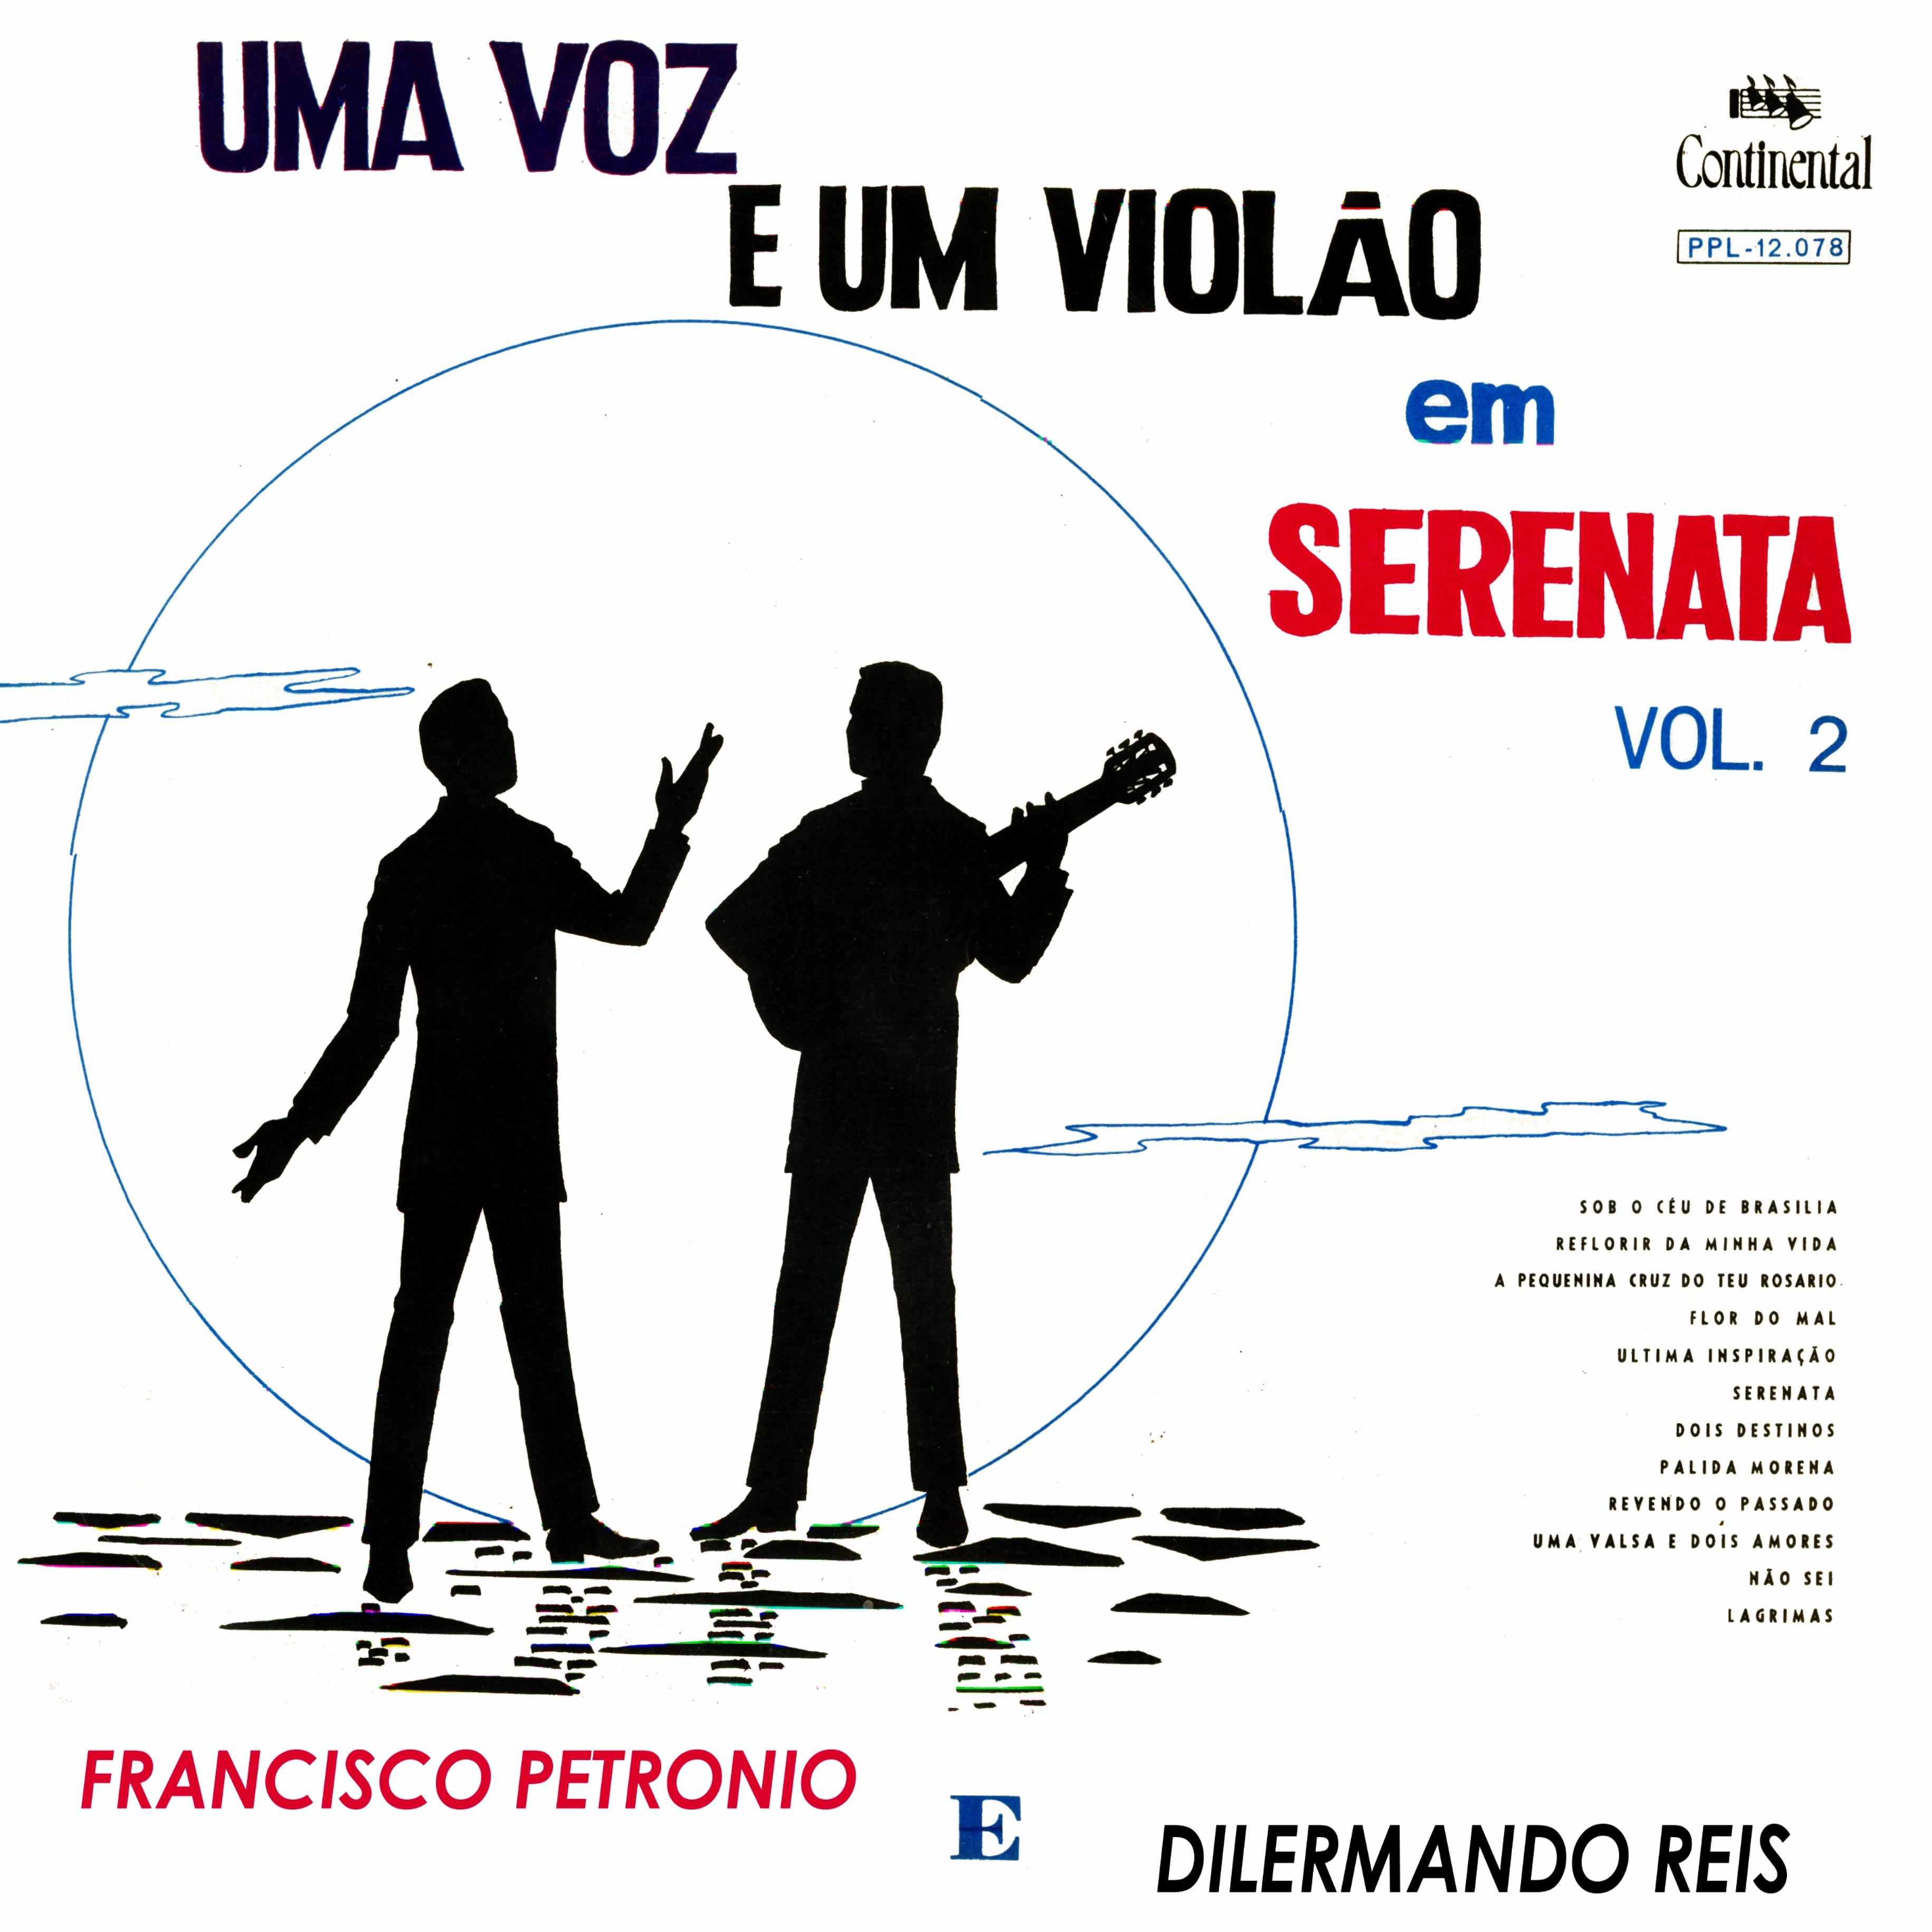 CD REIS BAIXAR DILERMANDO